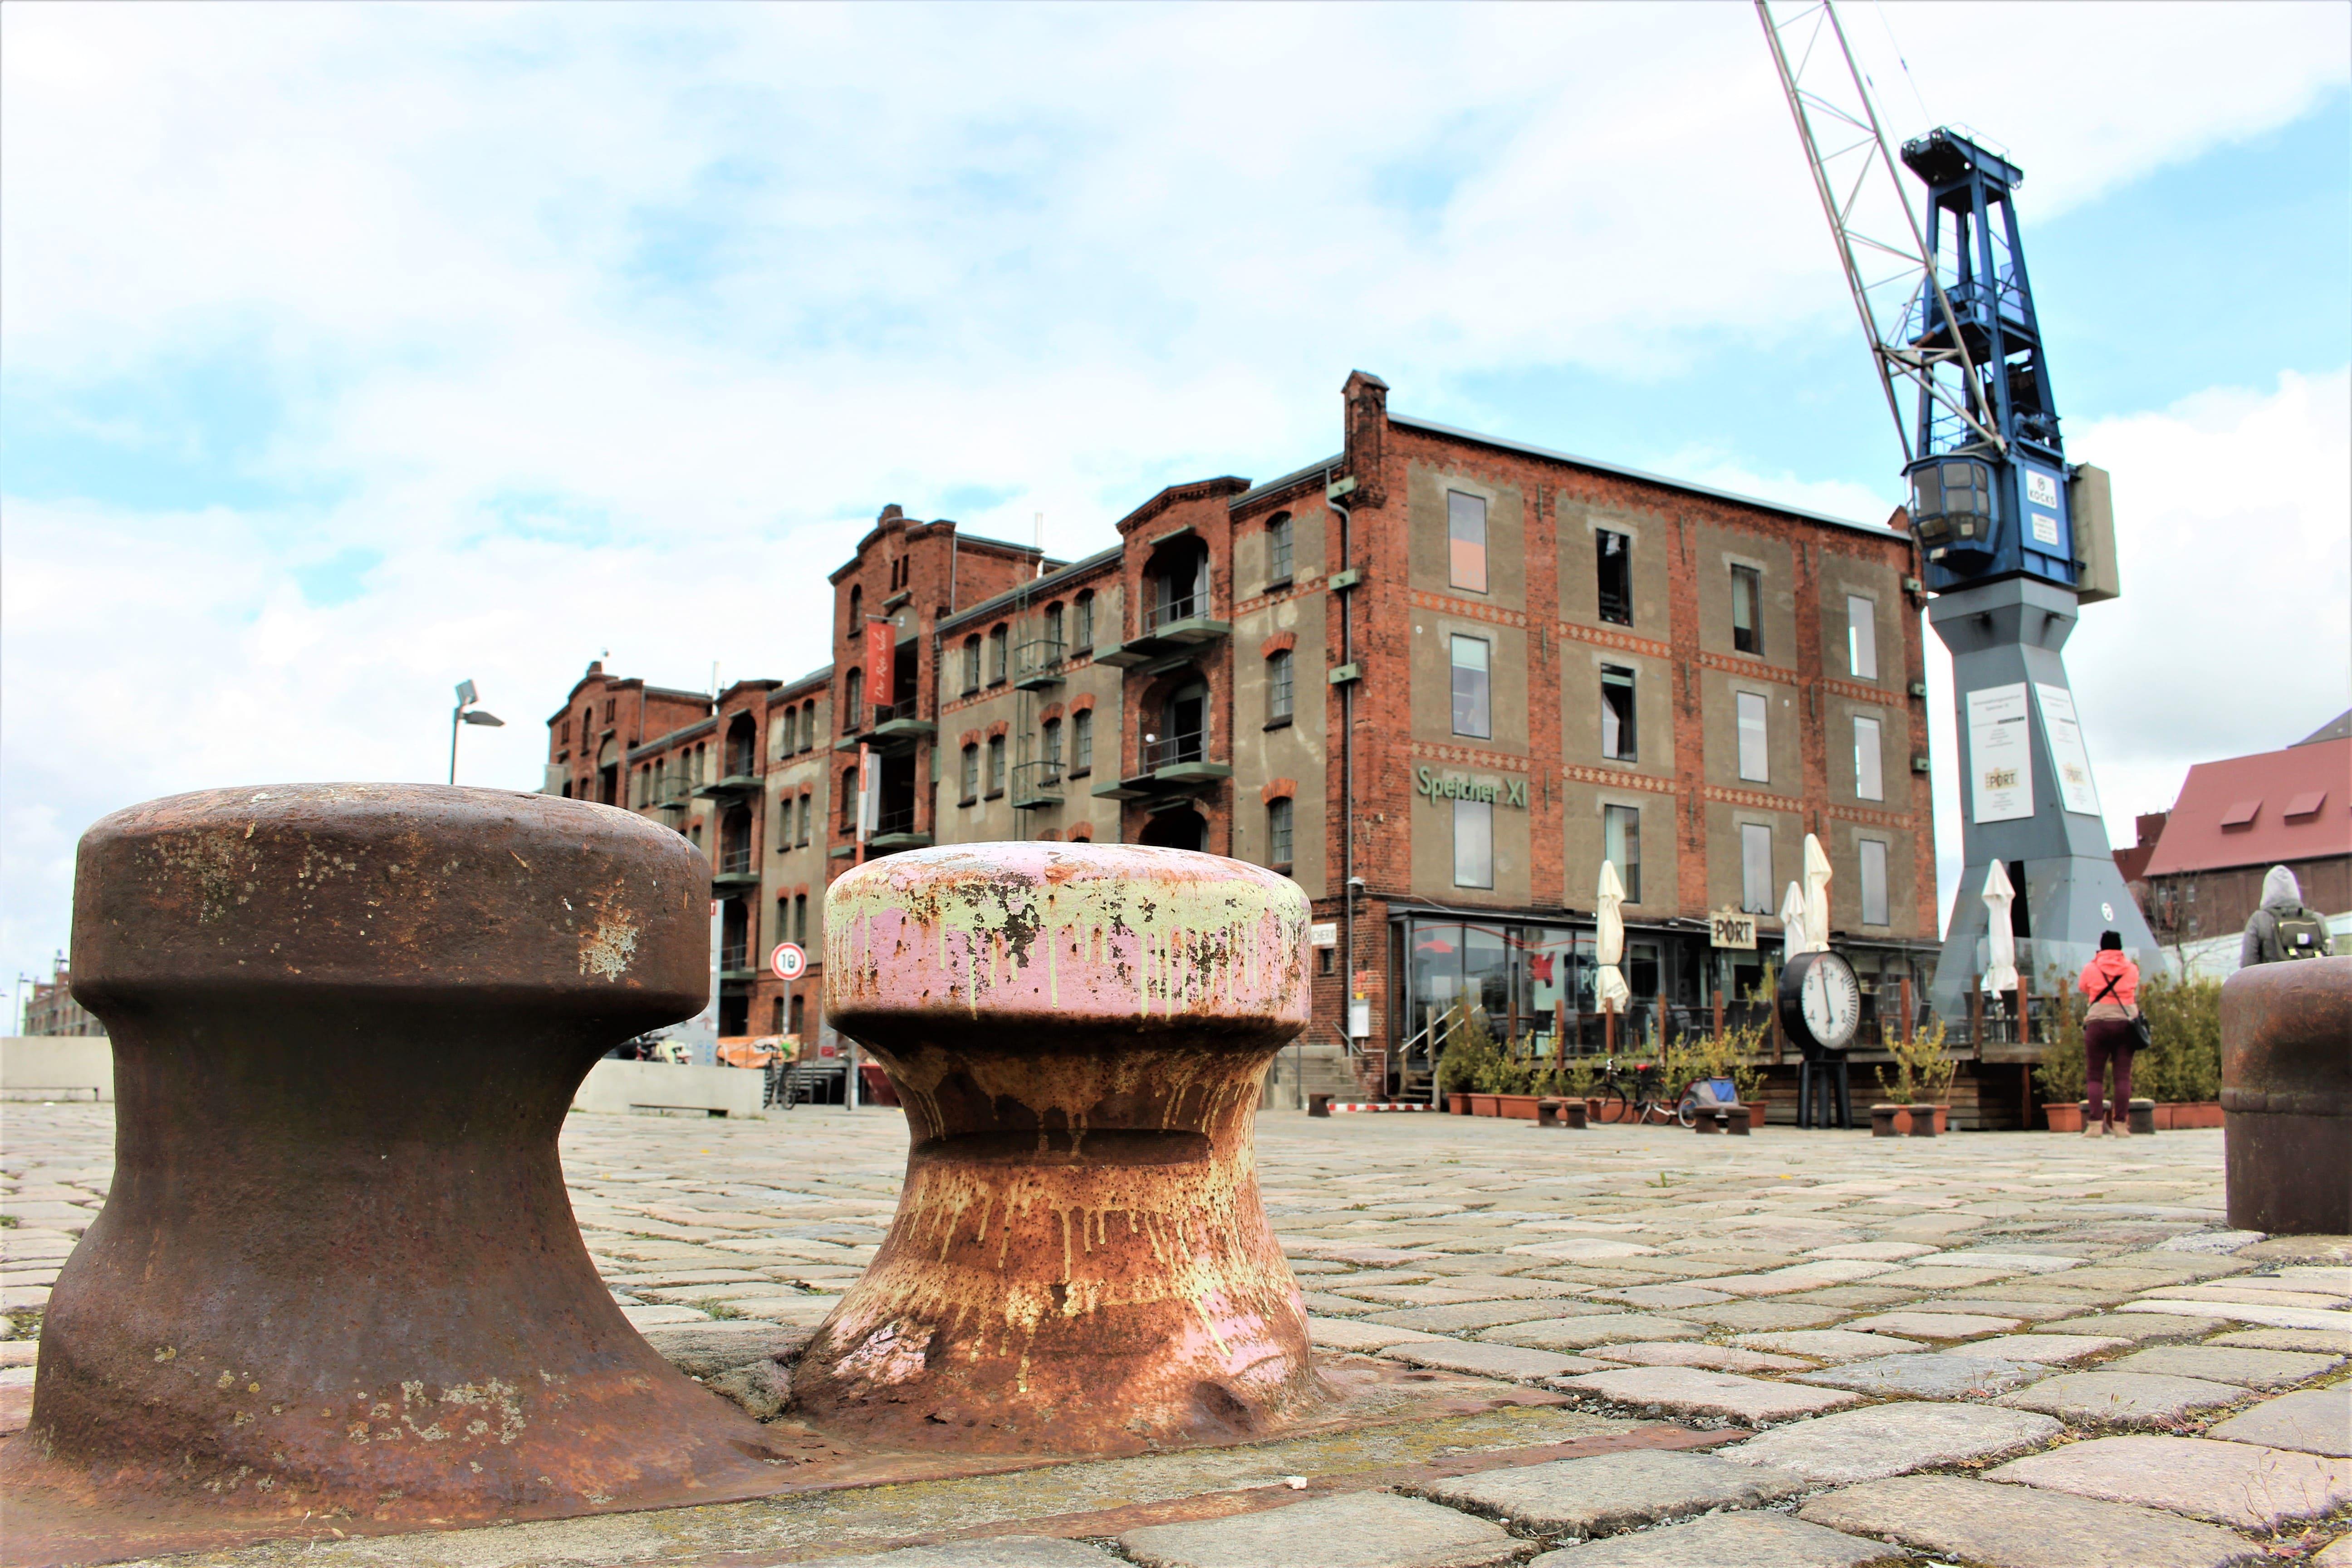 Die Stadt gibt wundervolle Fotomotive ab.